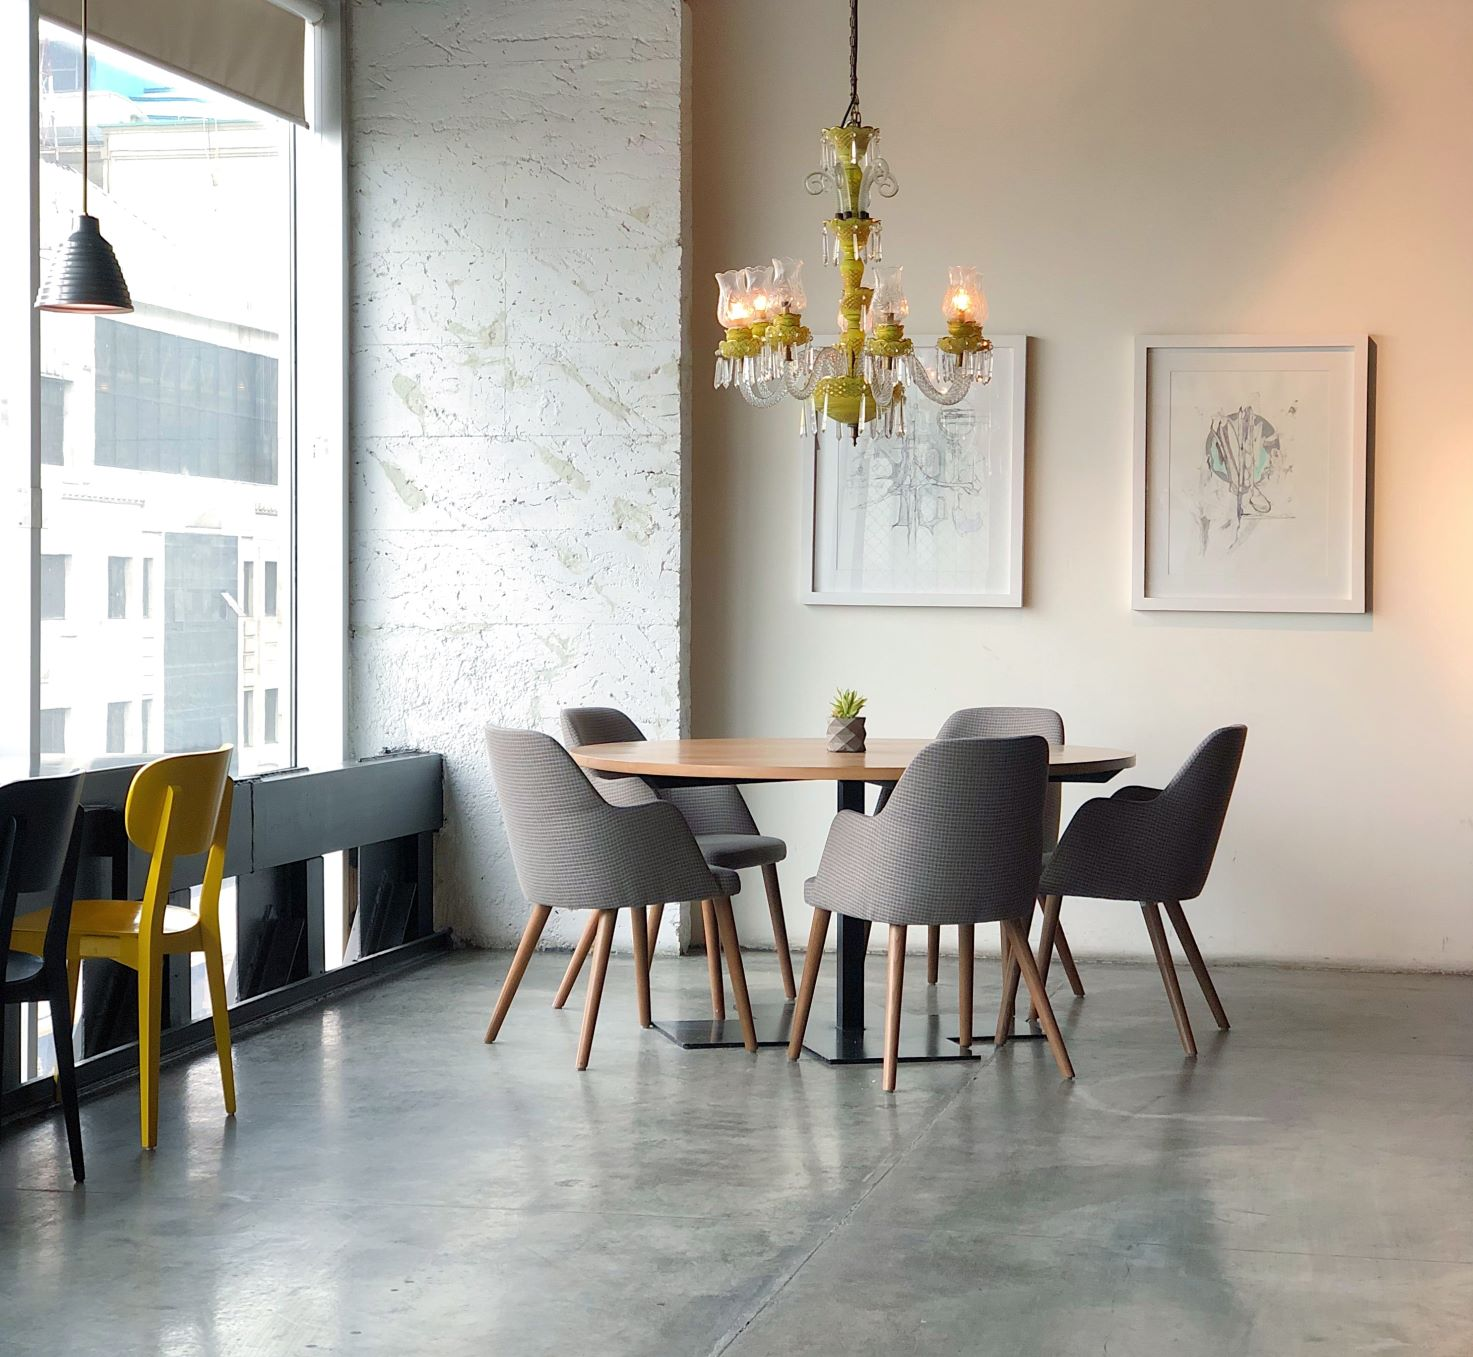 Fiere internazionali per l'arredo, il design e la decorazione della casa e del giardino: calendario 2021